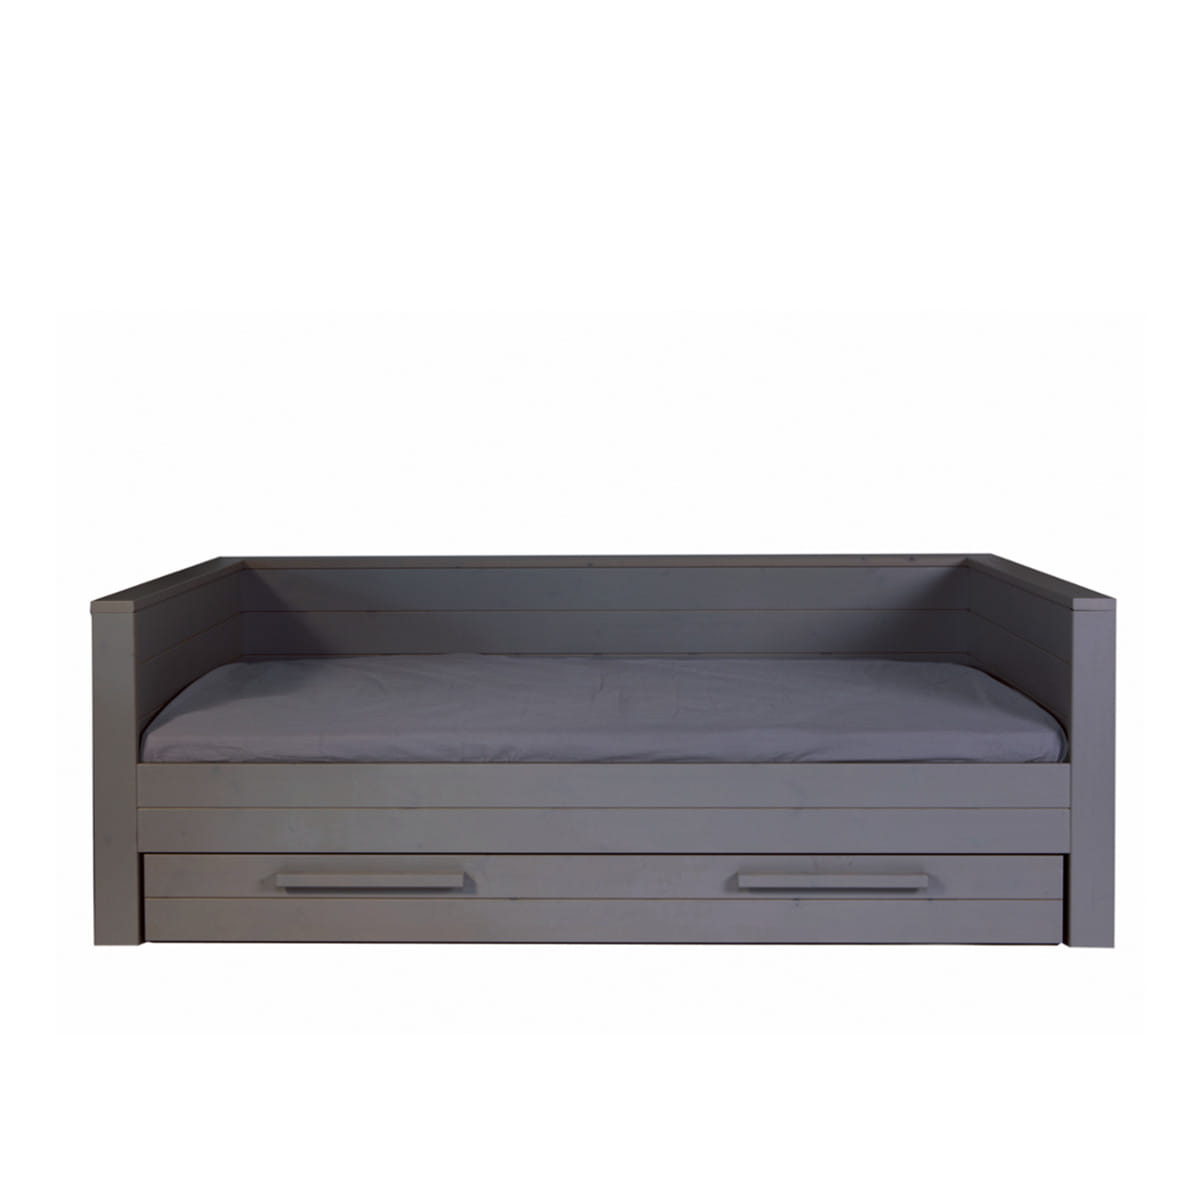 Woood Dennis Bed.Bed Dennis With Backrest Steel Grey Woood